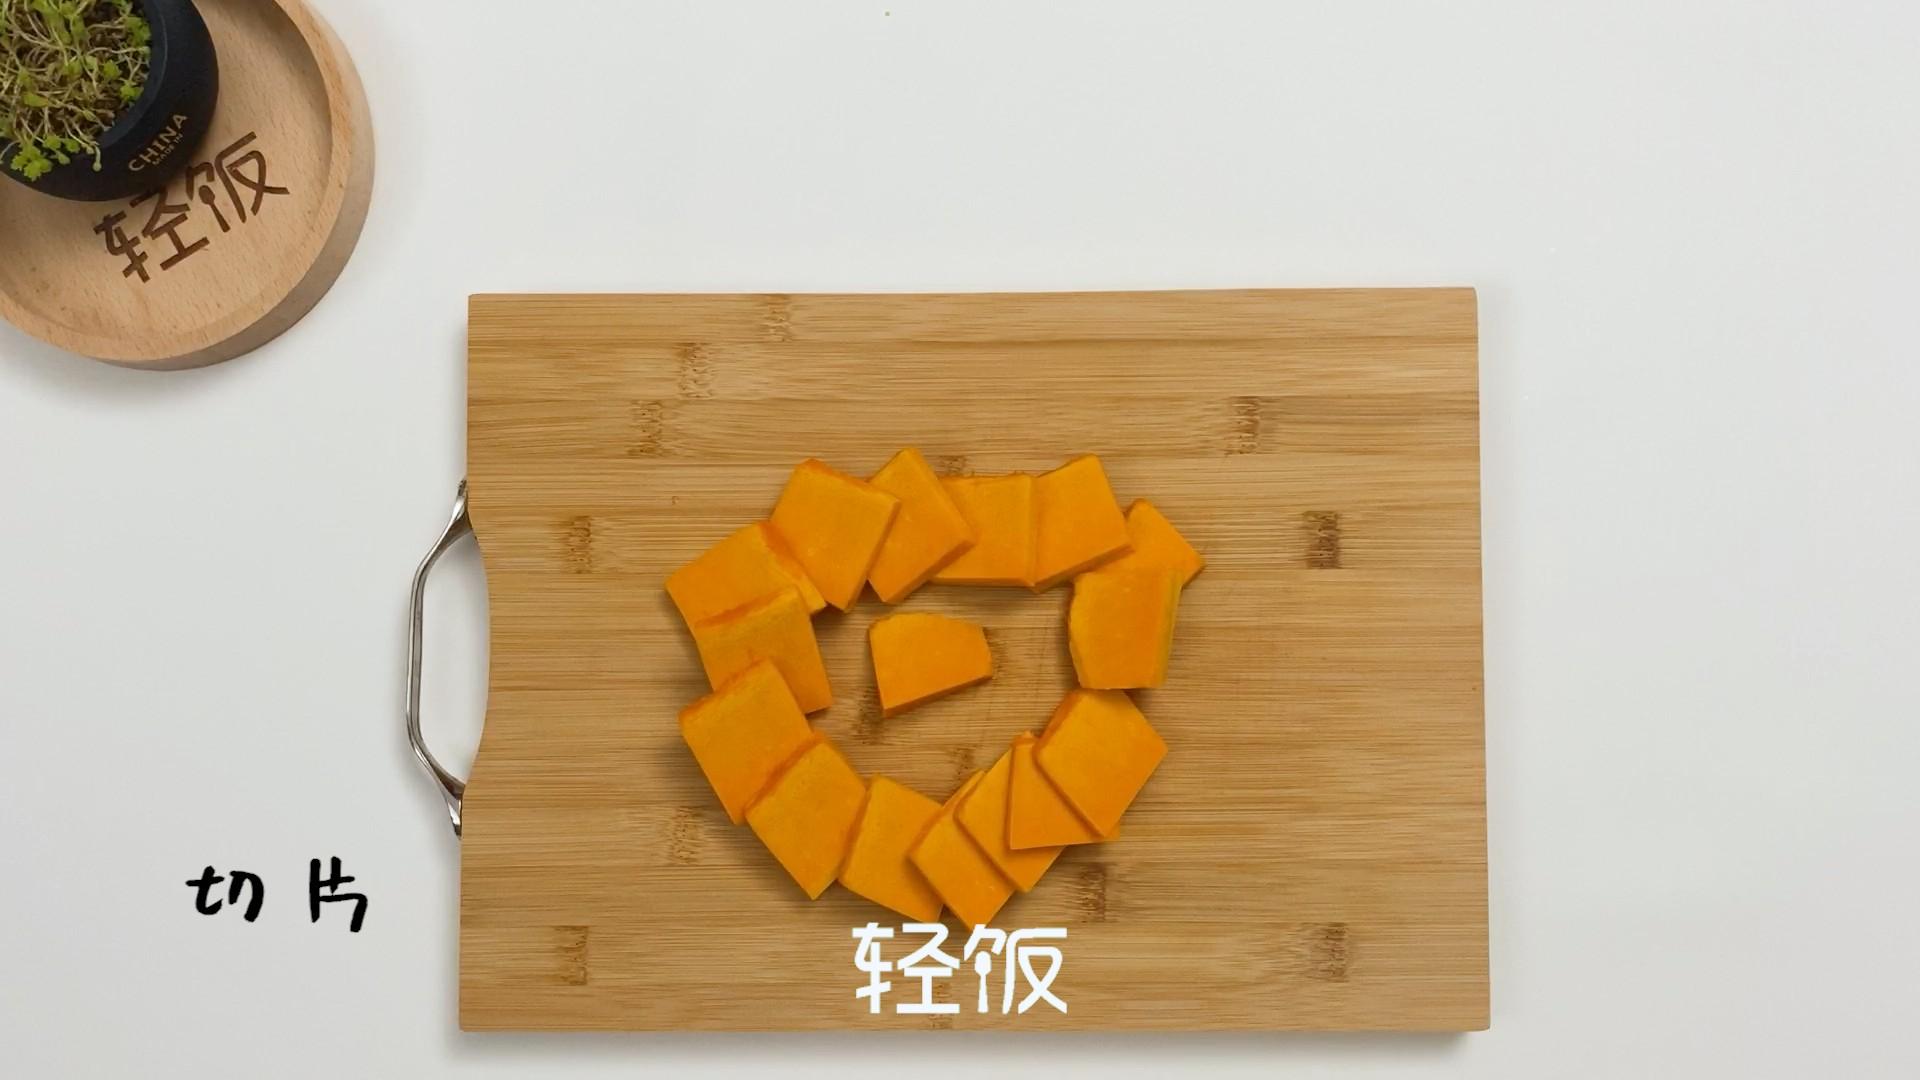 南瓜粥小米粥丨轻松搞定,好喝还养胃!的家常做法